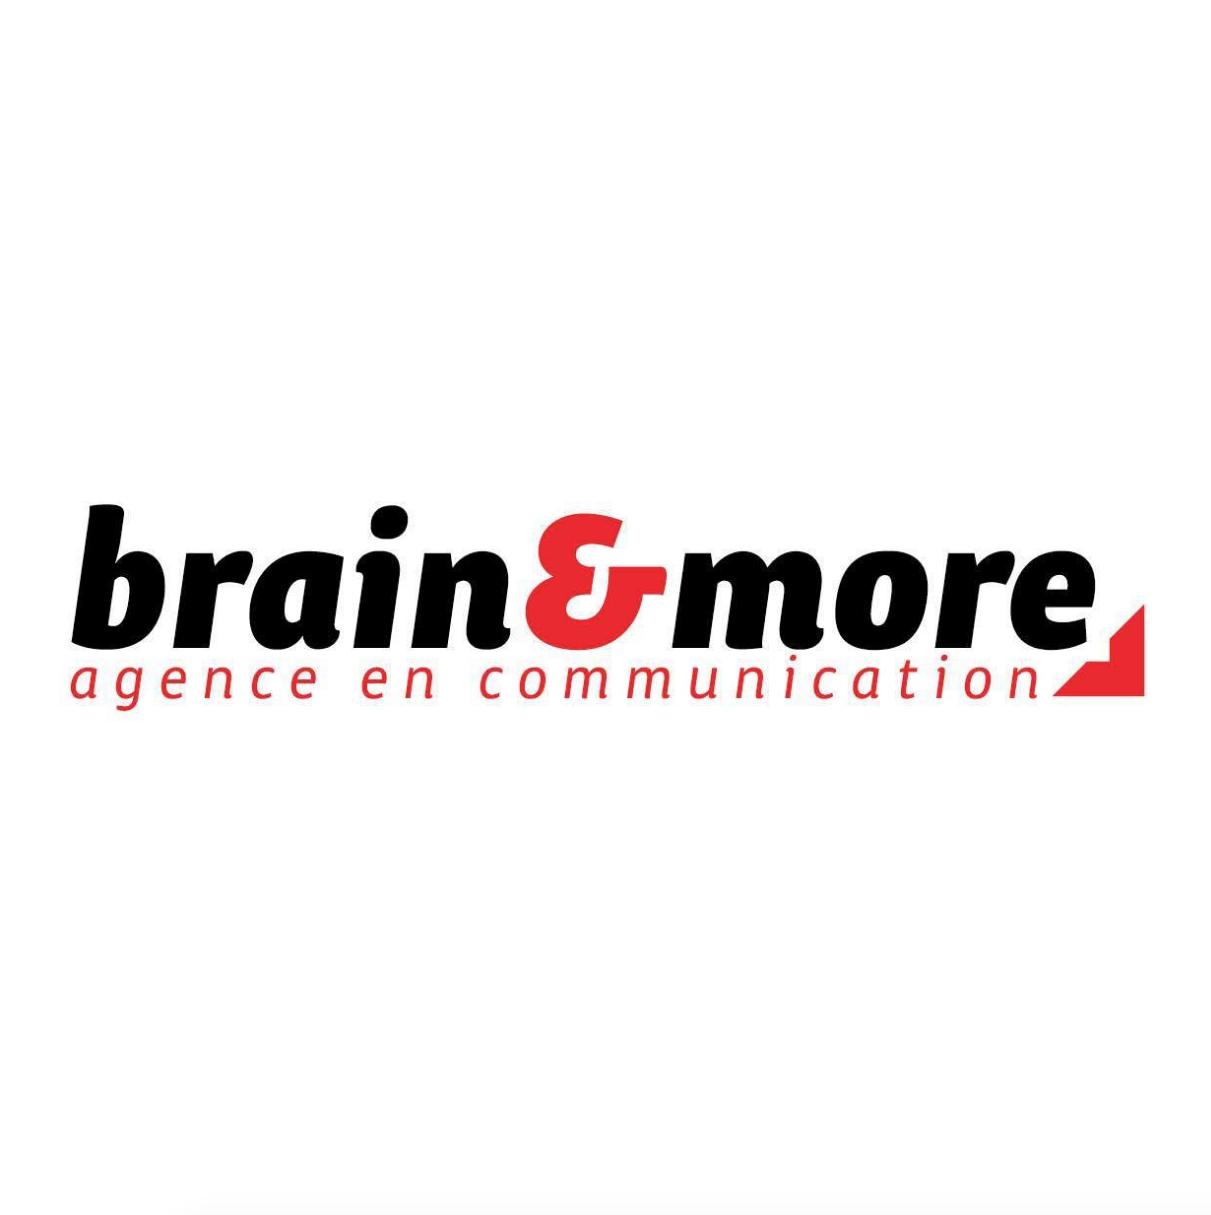 brain&more